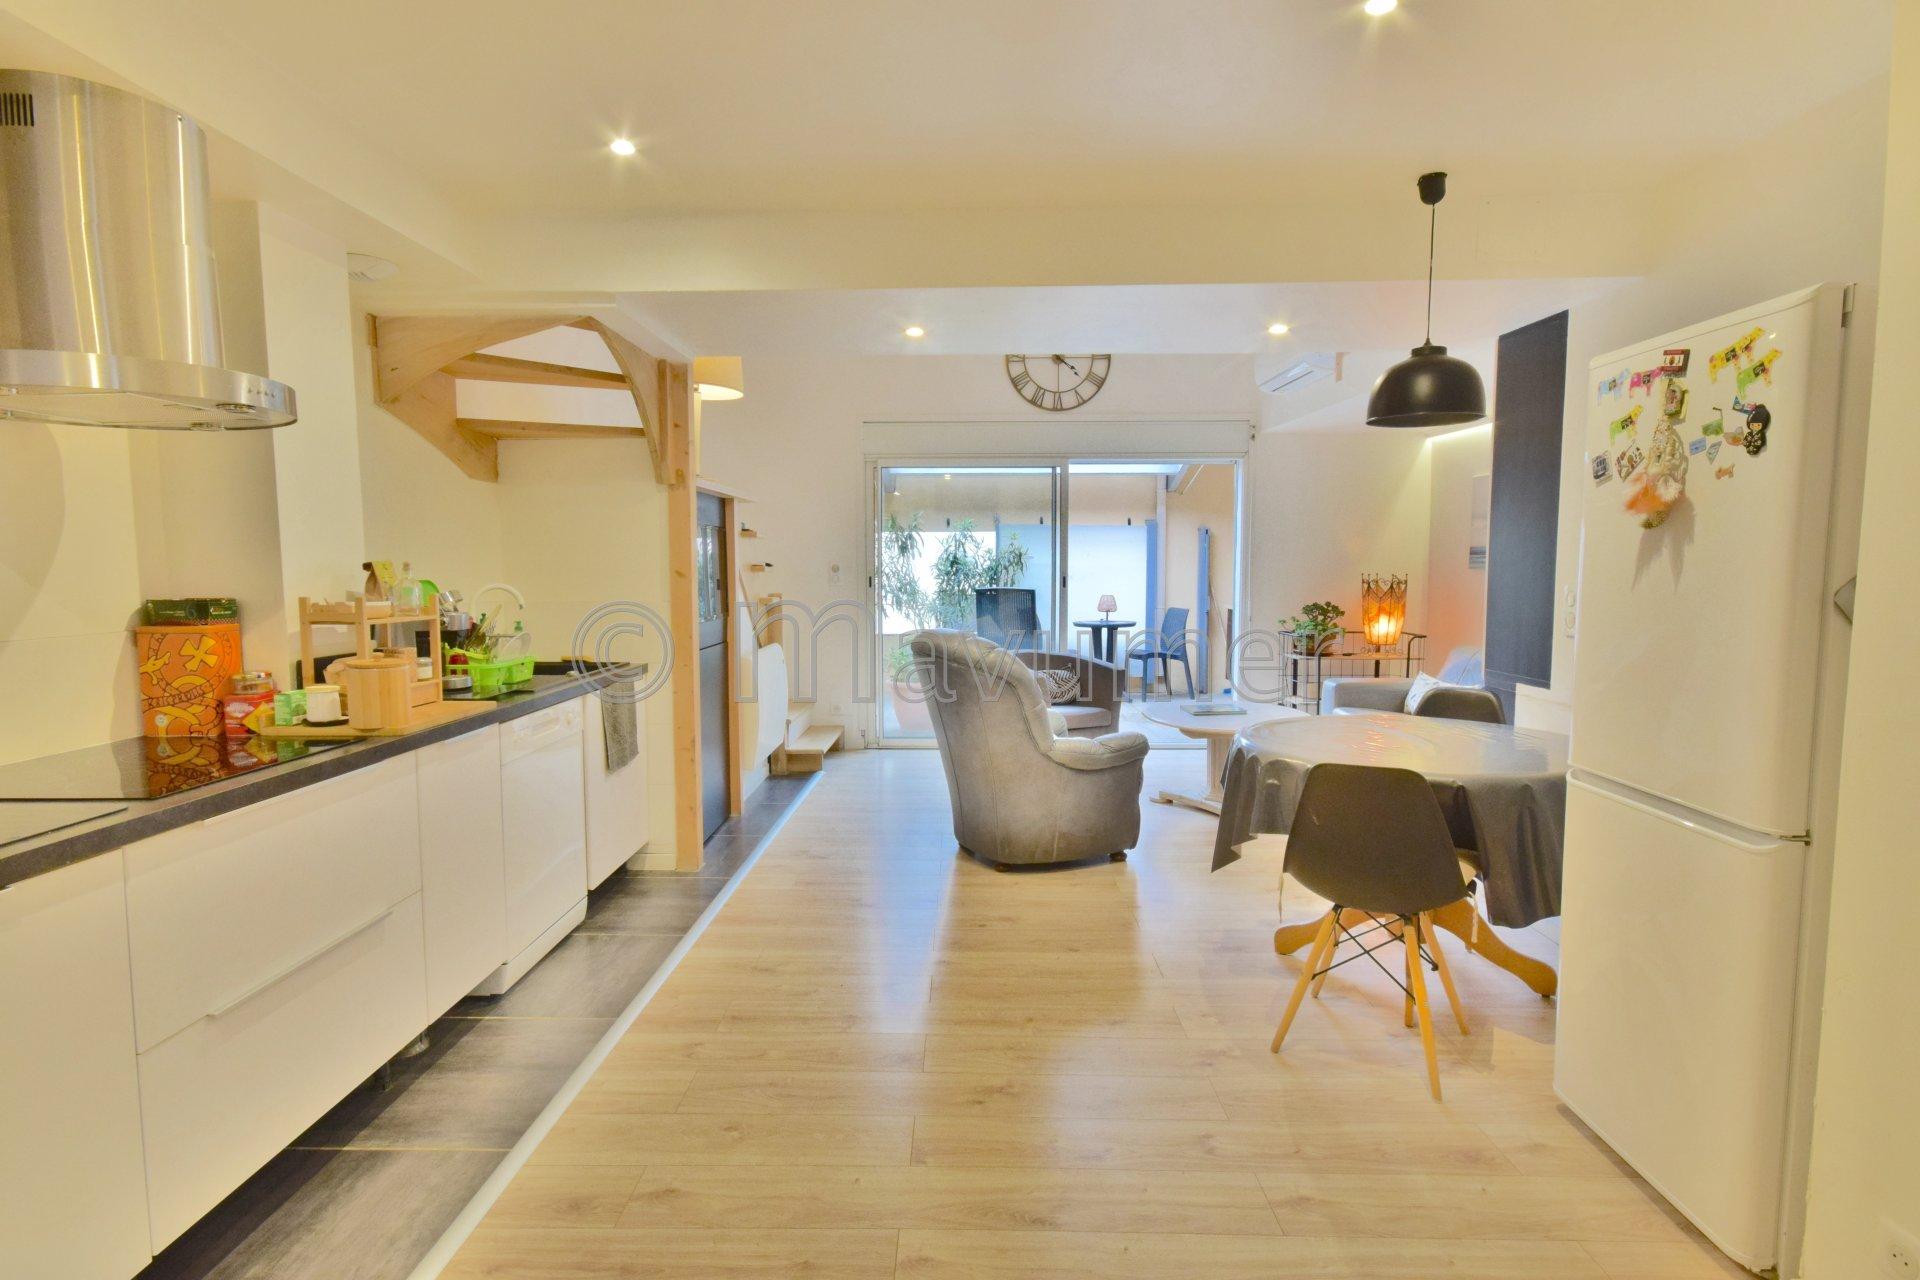 Sale House - Marseille 4ème Chutes-Lavie